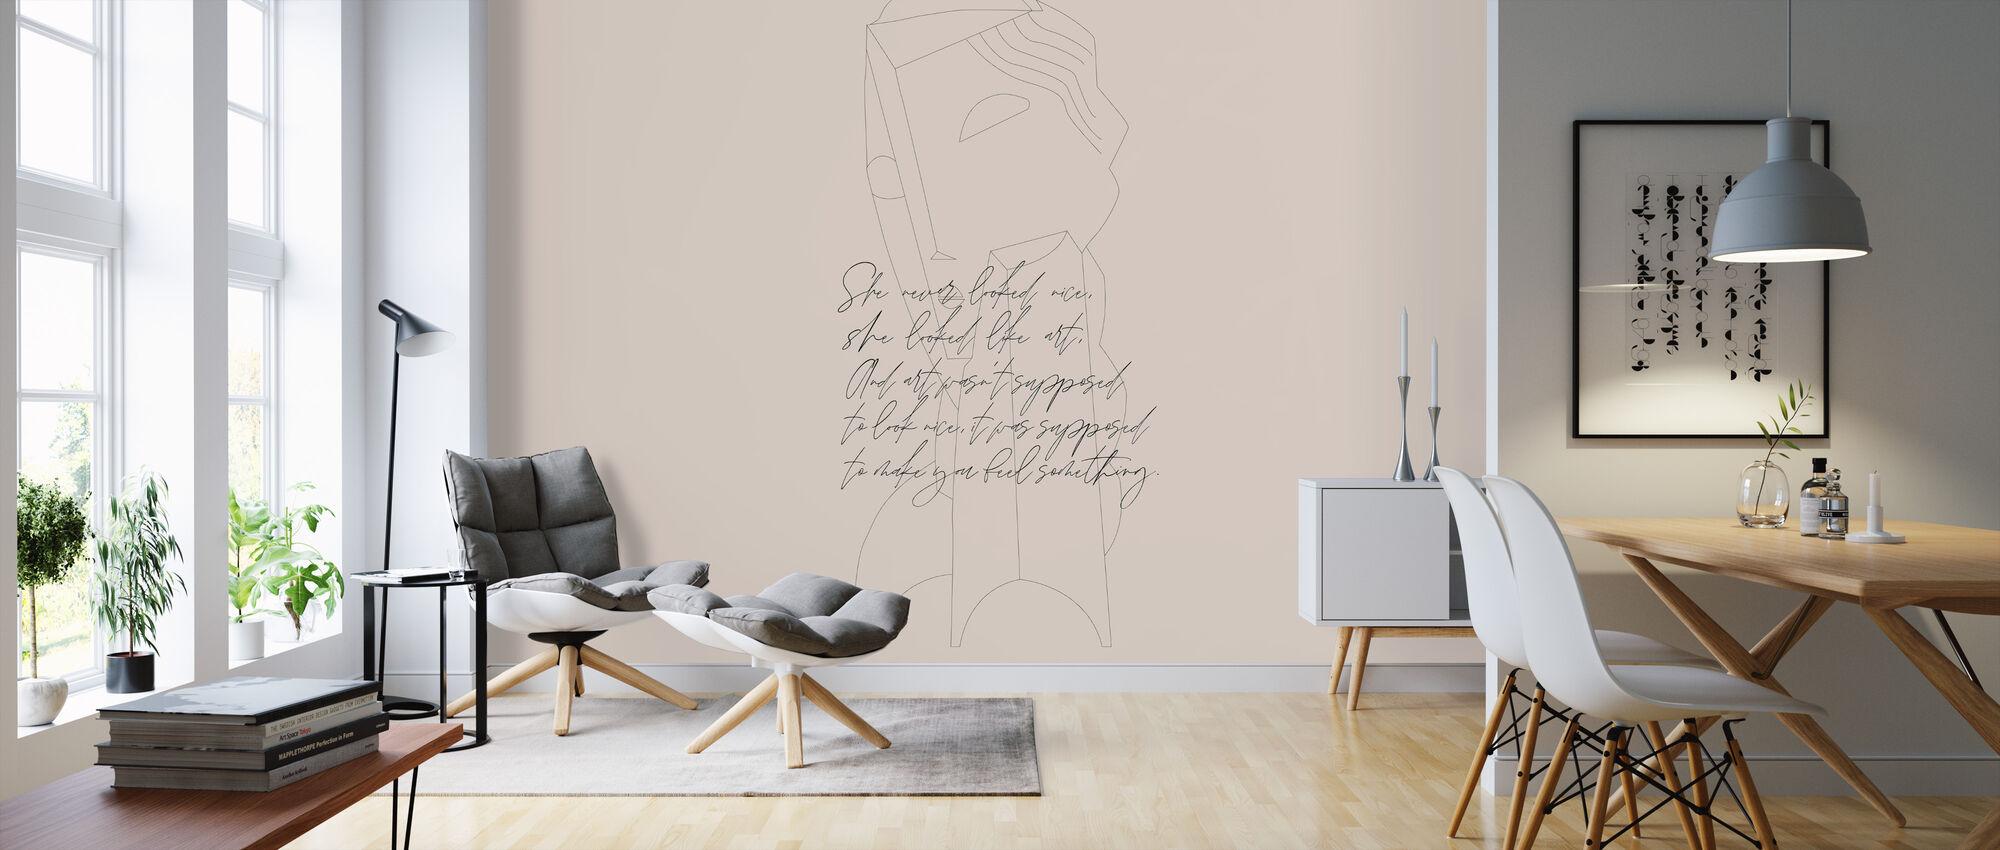 She Looked Like Art - Wallpaper - Living Room